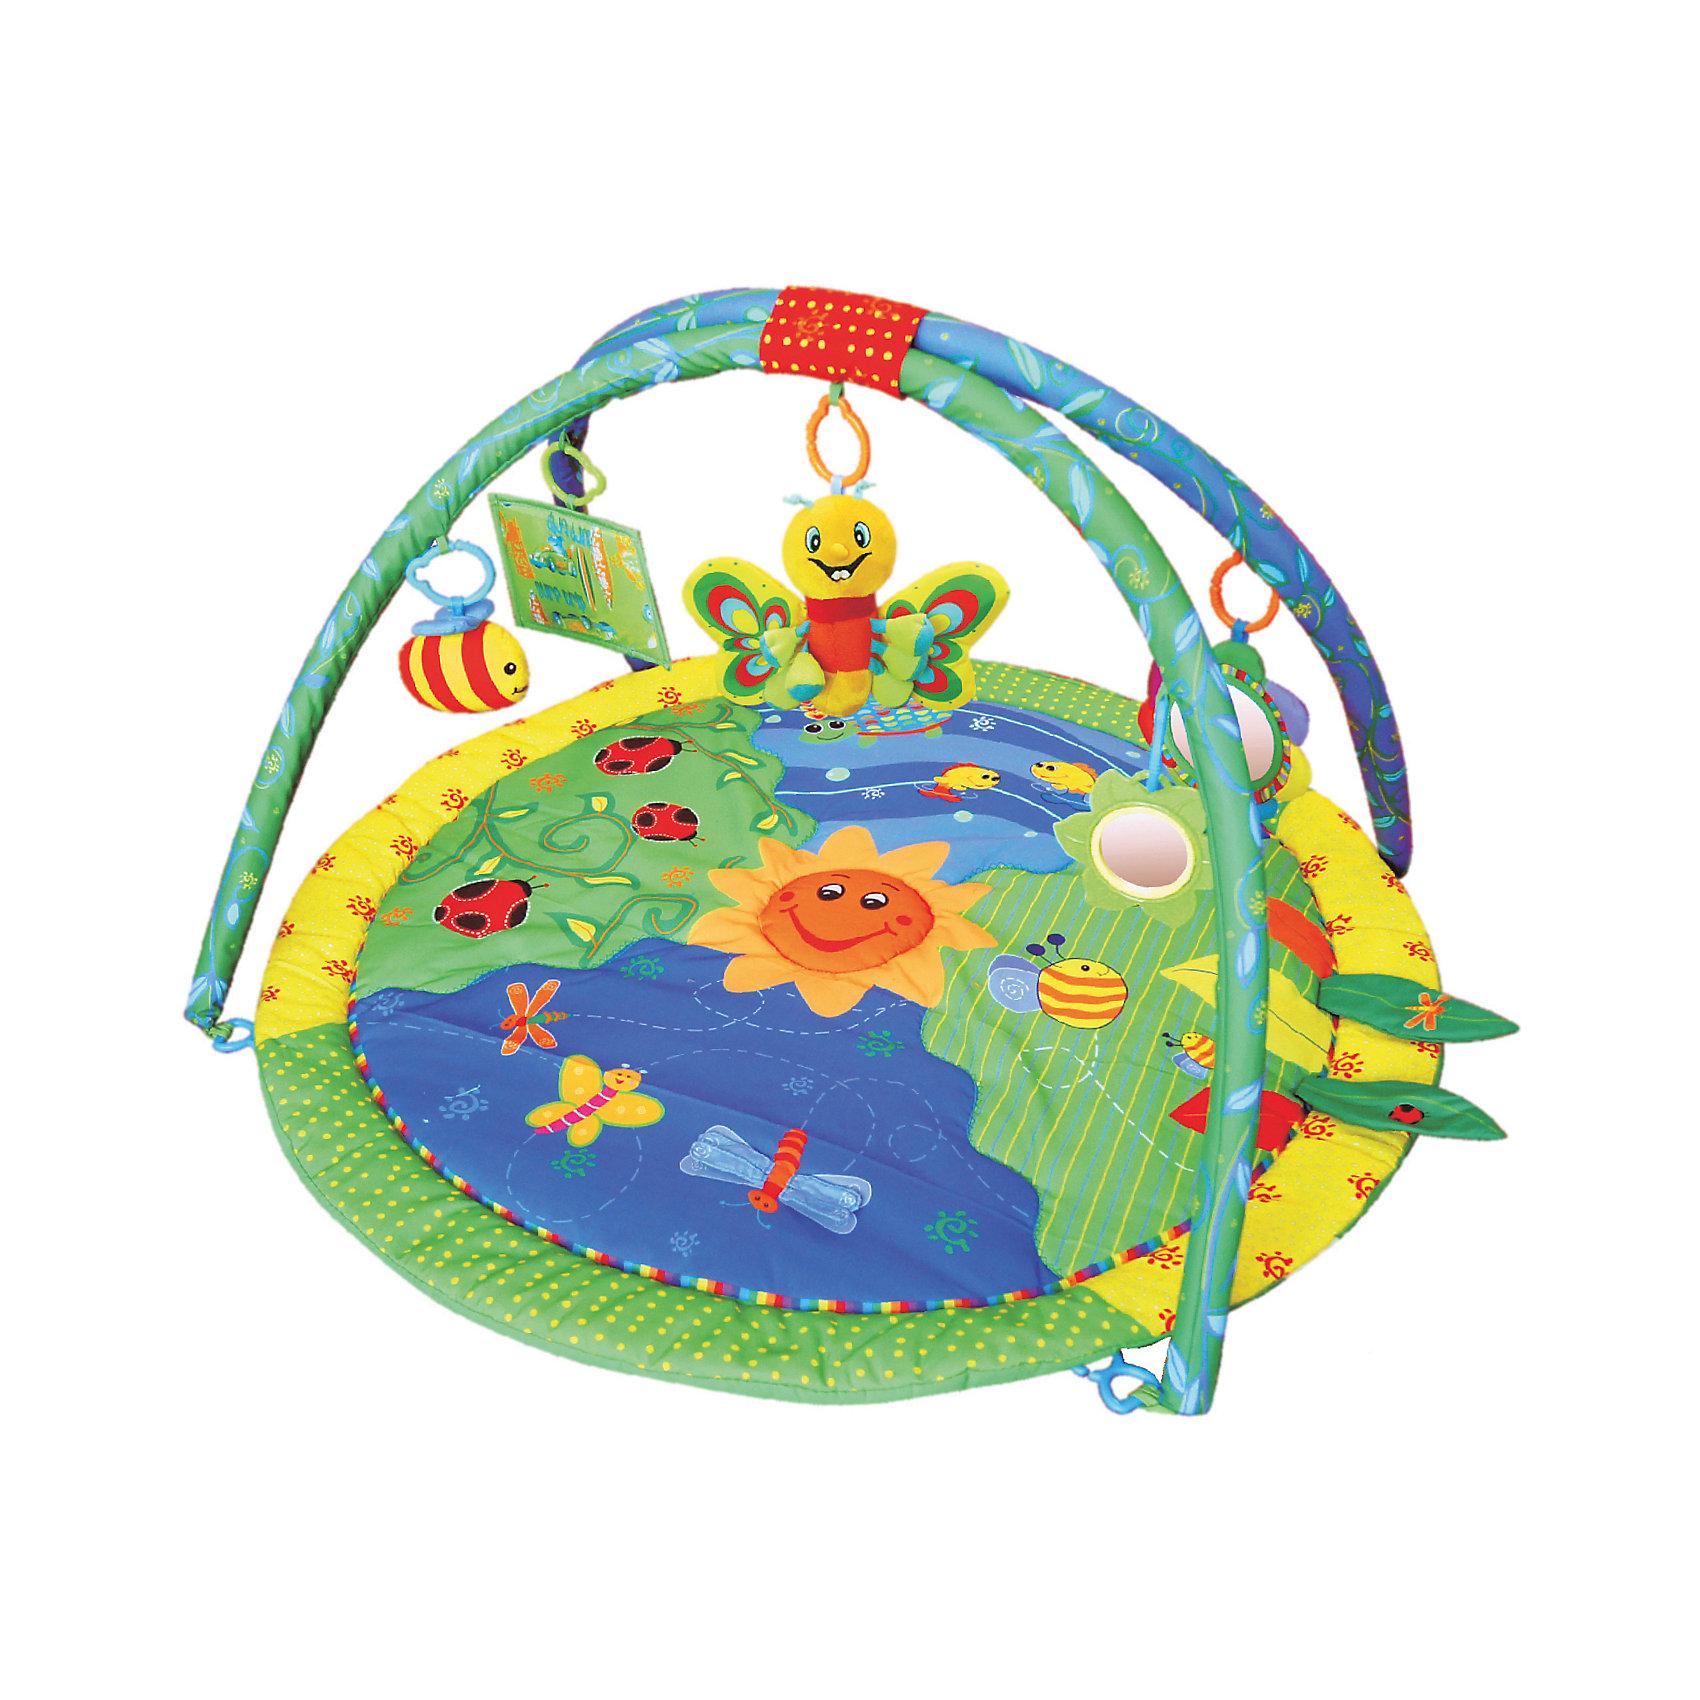 Развивающий коврик Лето, ЖирафикиРазвивающий коврик – идеальное место для игры малыша и просто провождении времени вне сна. Коврик сам по себе – развивающая игрушка с множеством интересных и разнообразных деталей. Погремушки, пищалки, зеркальца, звуковые и световые эффекты сделают коврик любимой игрушкой ребенка. Коврик развивает воображение, улучшает координацию и мелкую моторику ребенка. Материалы, использованные при изготовлении товара, абсолютно безопасны и отвечают всем международным требованиям по качеству.<br><br>Дополнительные характеристики:<br><br>материал: текстиль, пластик;<br>цвет: разноцветный;<br>возраст: 0-12 месяцев;<br>габариты: 72 X 7 X 70 см.<br><br>Развивающий коврик Лето от компании Жирафики можно приобрести в нашем магазине.<br><br>Ширина мм: 610<br>Глубина мм: 560<br>Высота мм: 380<br>Вес г: 880<br>Возраст от месяцев: 3<br>Возраст до месяцев: 36<br>Пол: Унисекс<br>Возраст: Детский<br>SKU: 5032539